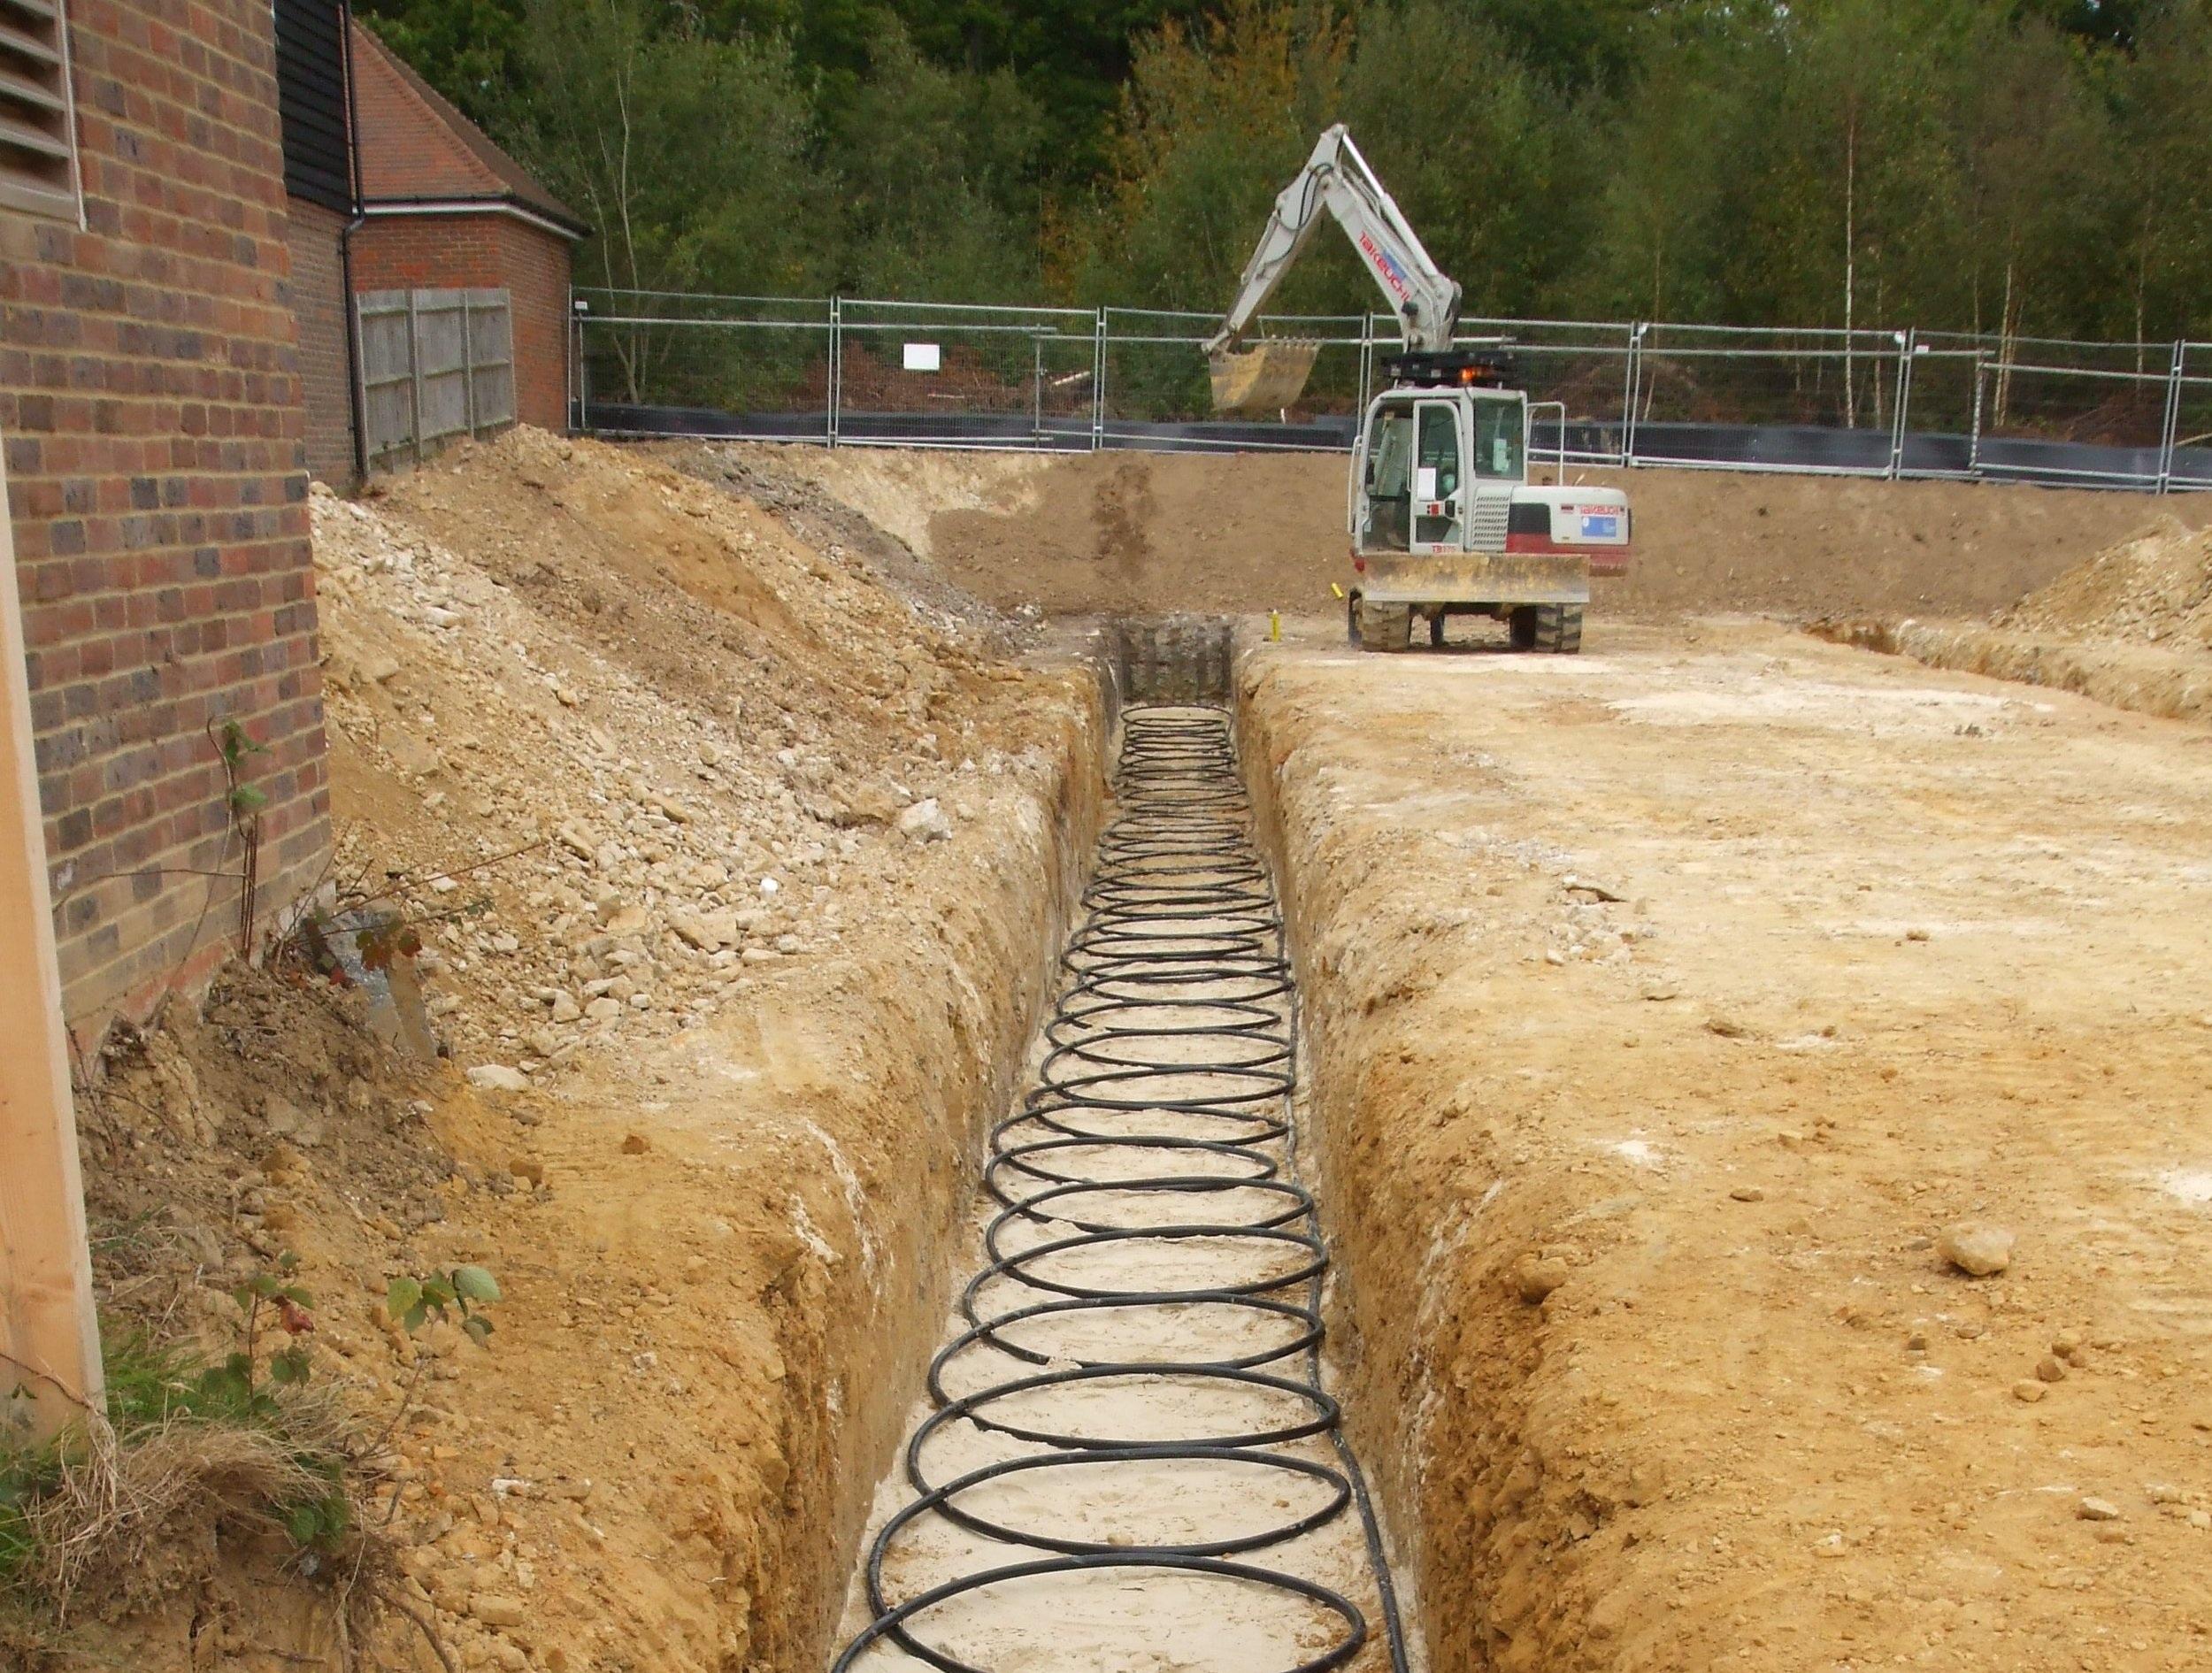 ground+source+heat+pump+gshp+installation